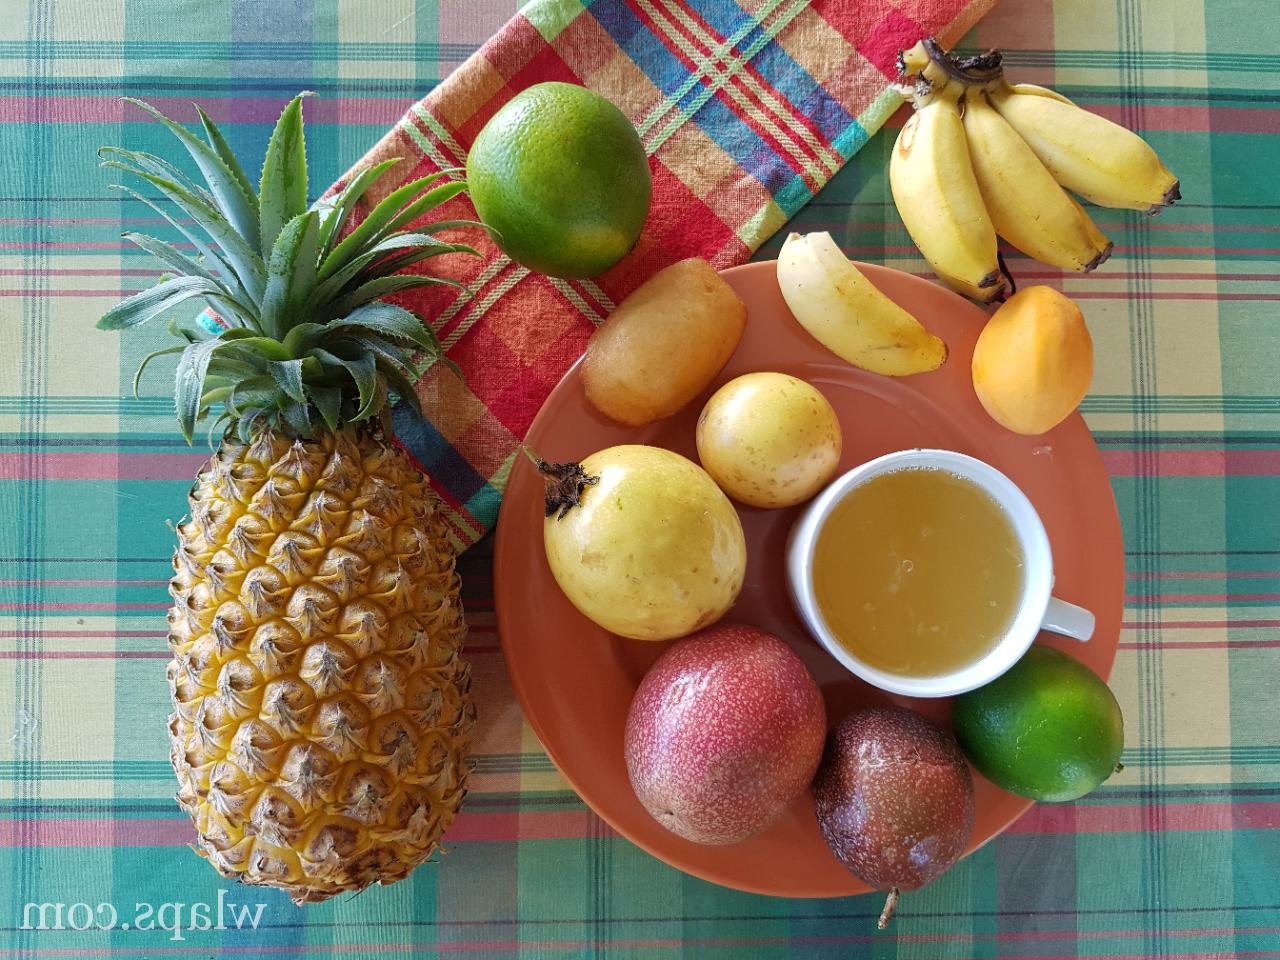 Comment savoir si c'est un fruit ou un légume ?